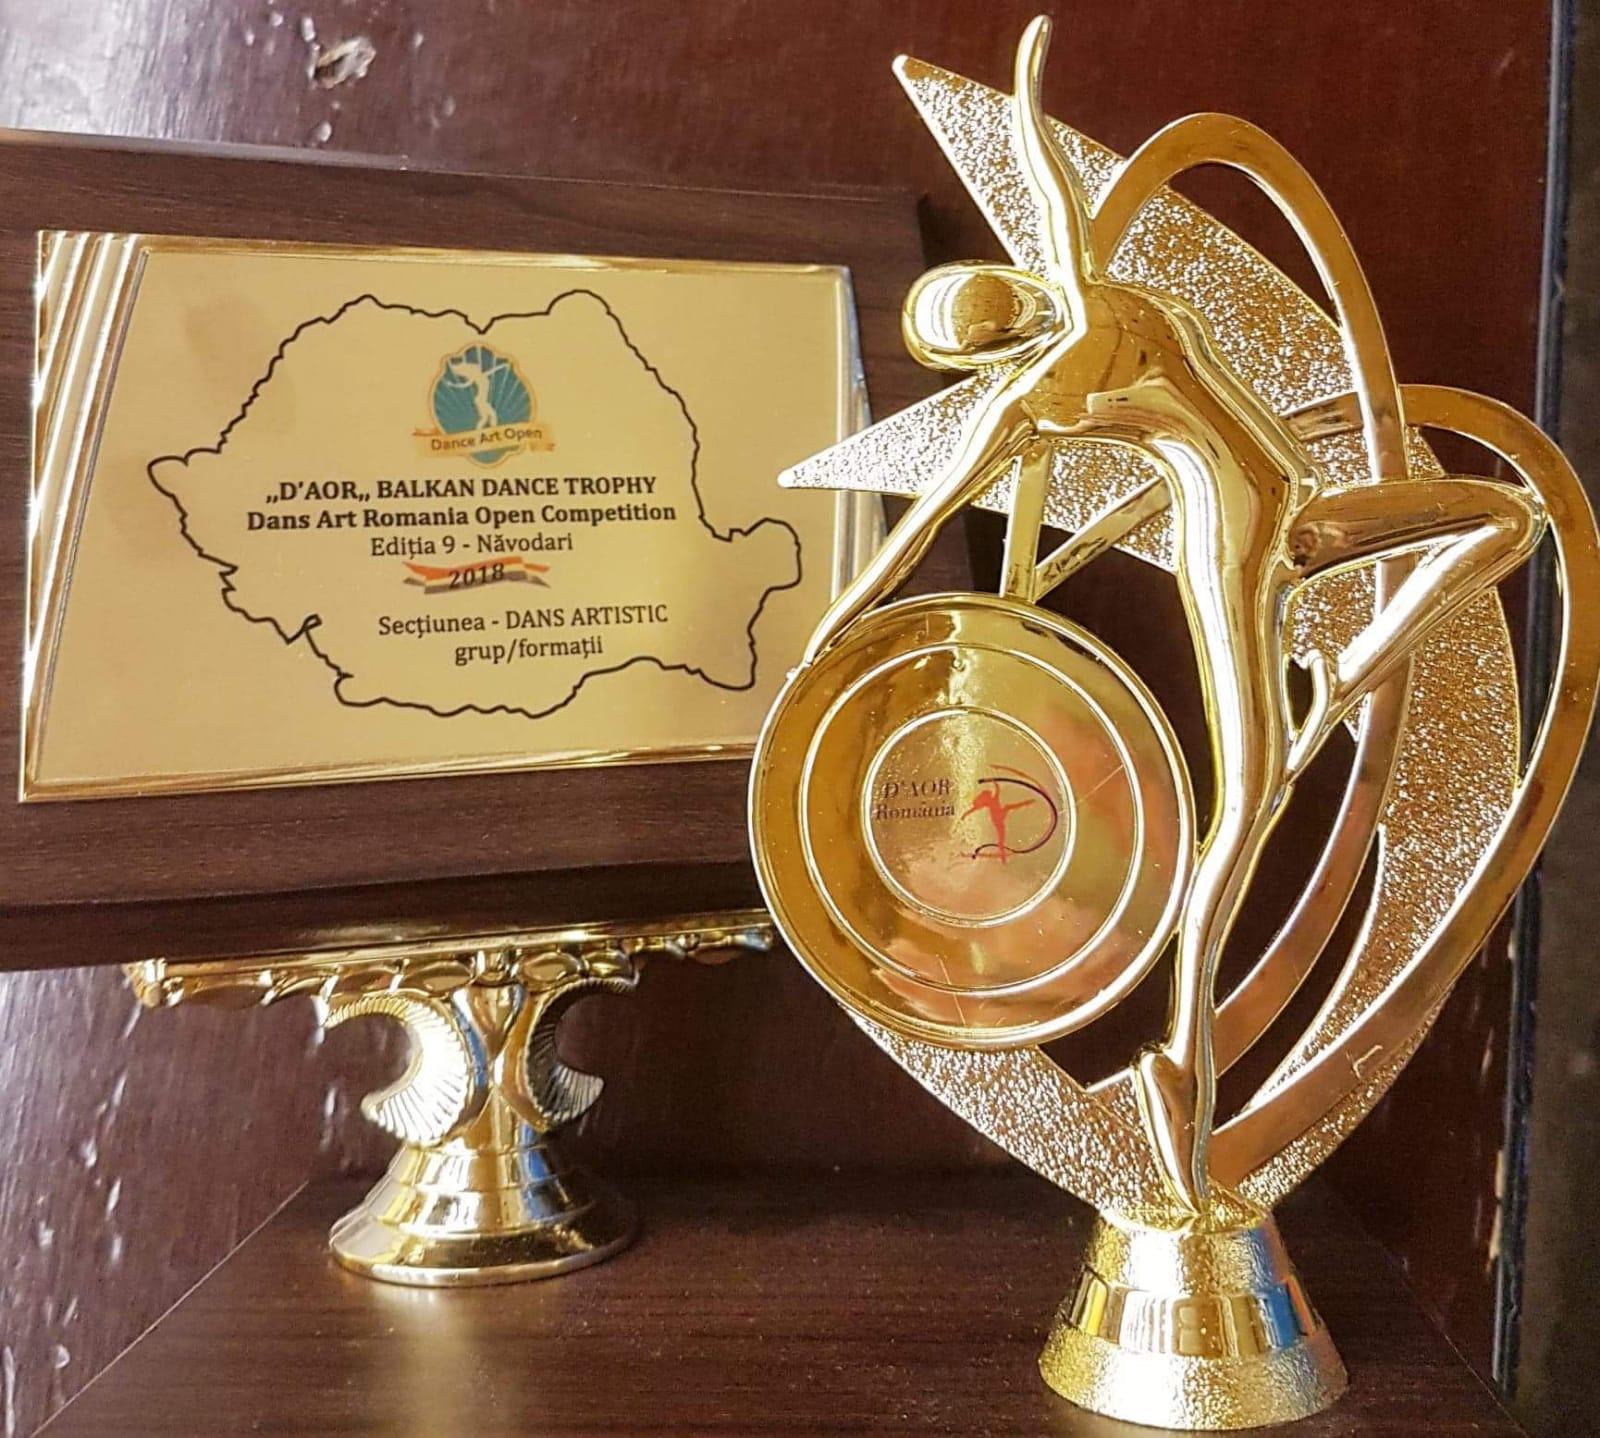 TROFEUL Dans Art Romania Open – D,AOR Dance Balkan TROPHY – câștigat de dansatorii scolii de dans Joy2Dance din Constanta